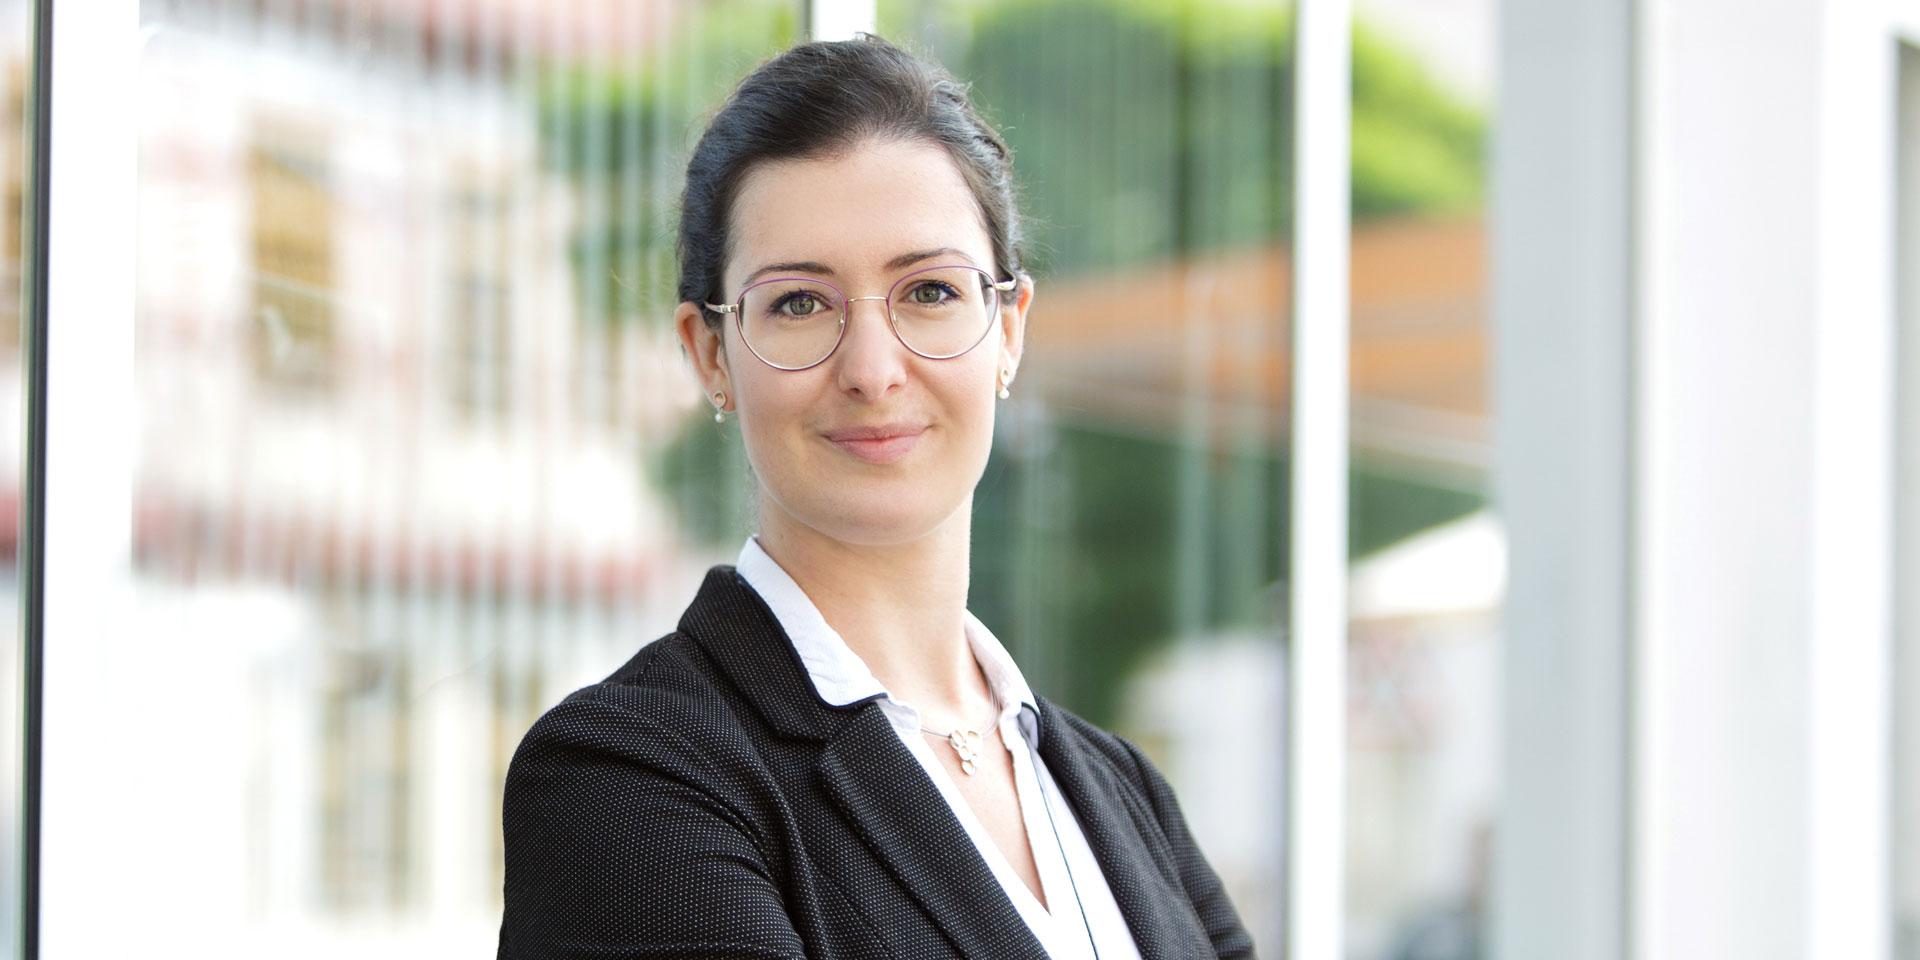 Daniela Gilenko